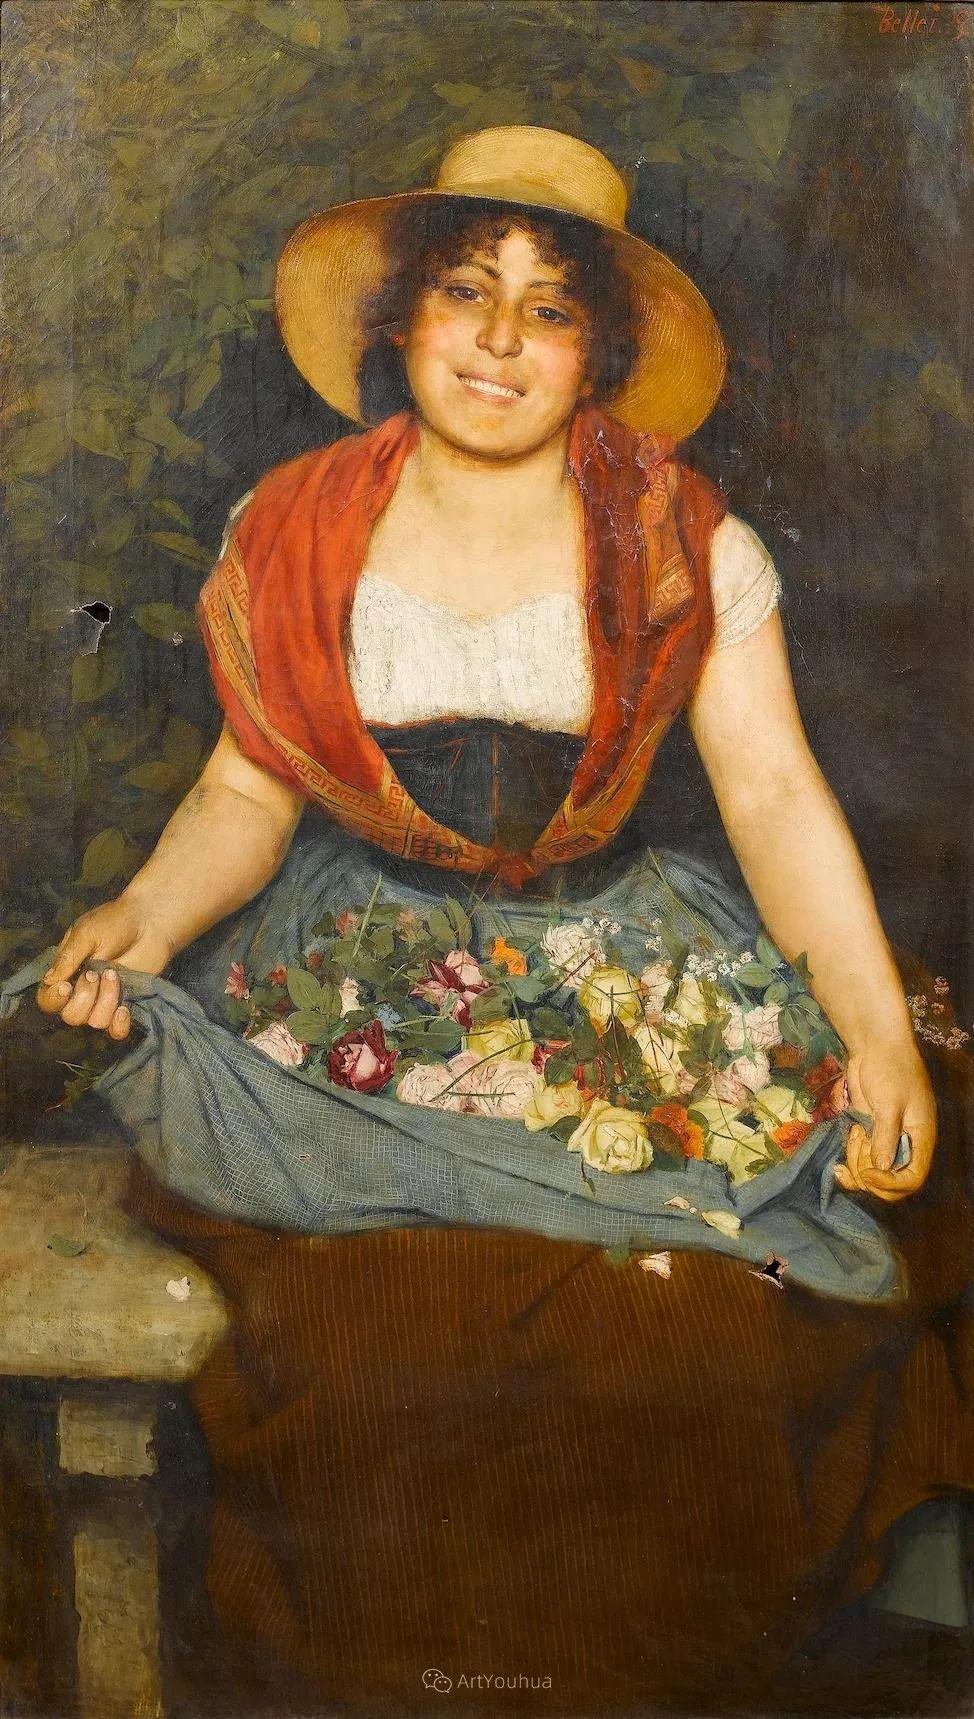 惟妙惟肖的肖像,意大利画家Gaetano Bellei插图9